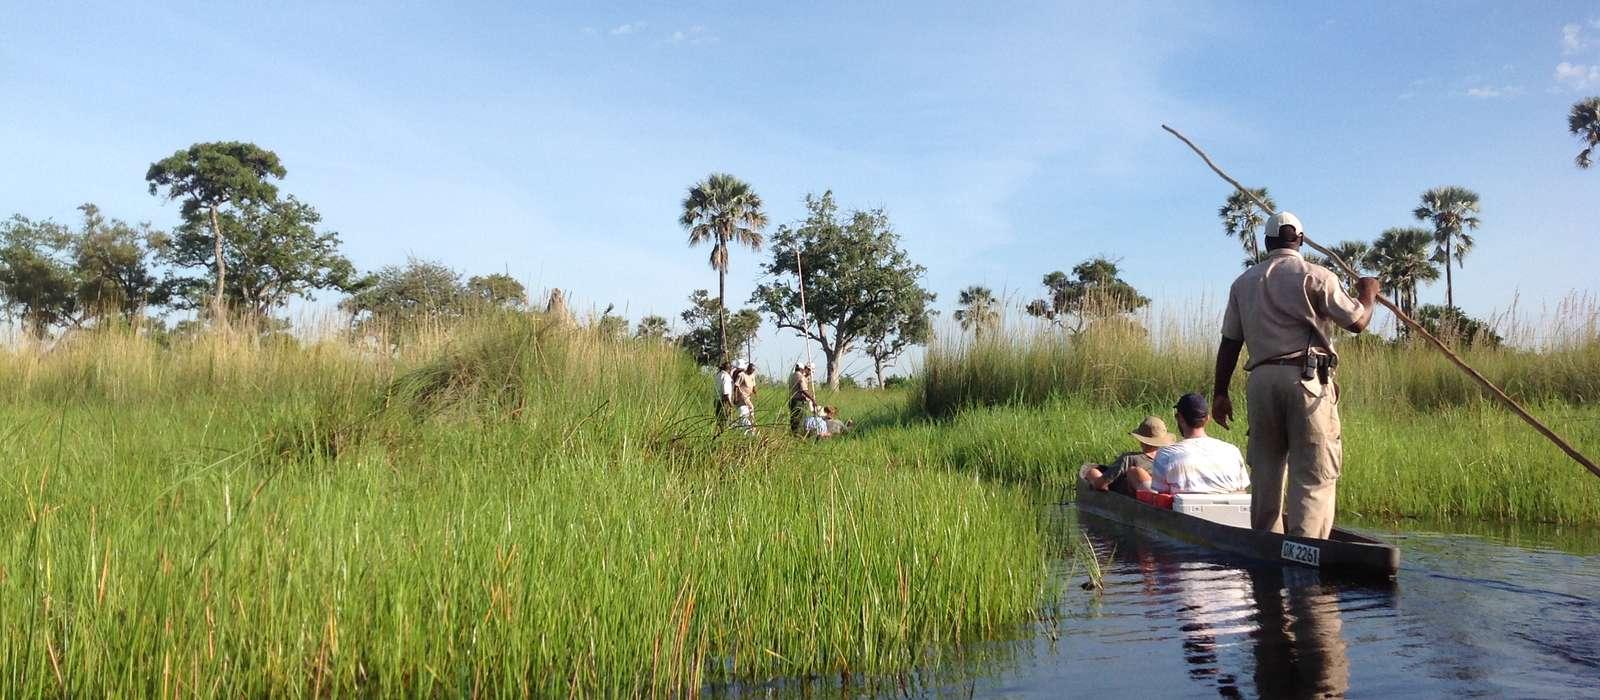 Mekoro trrip, Okavango Delta